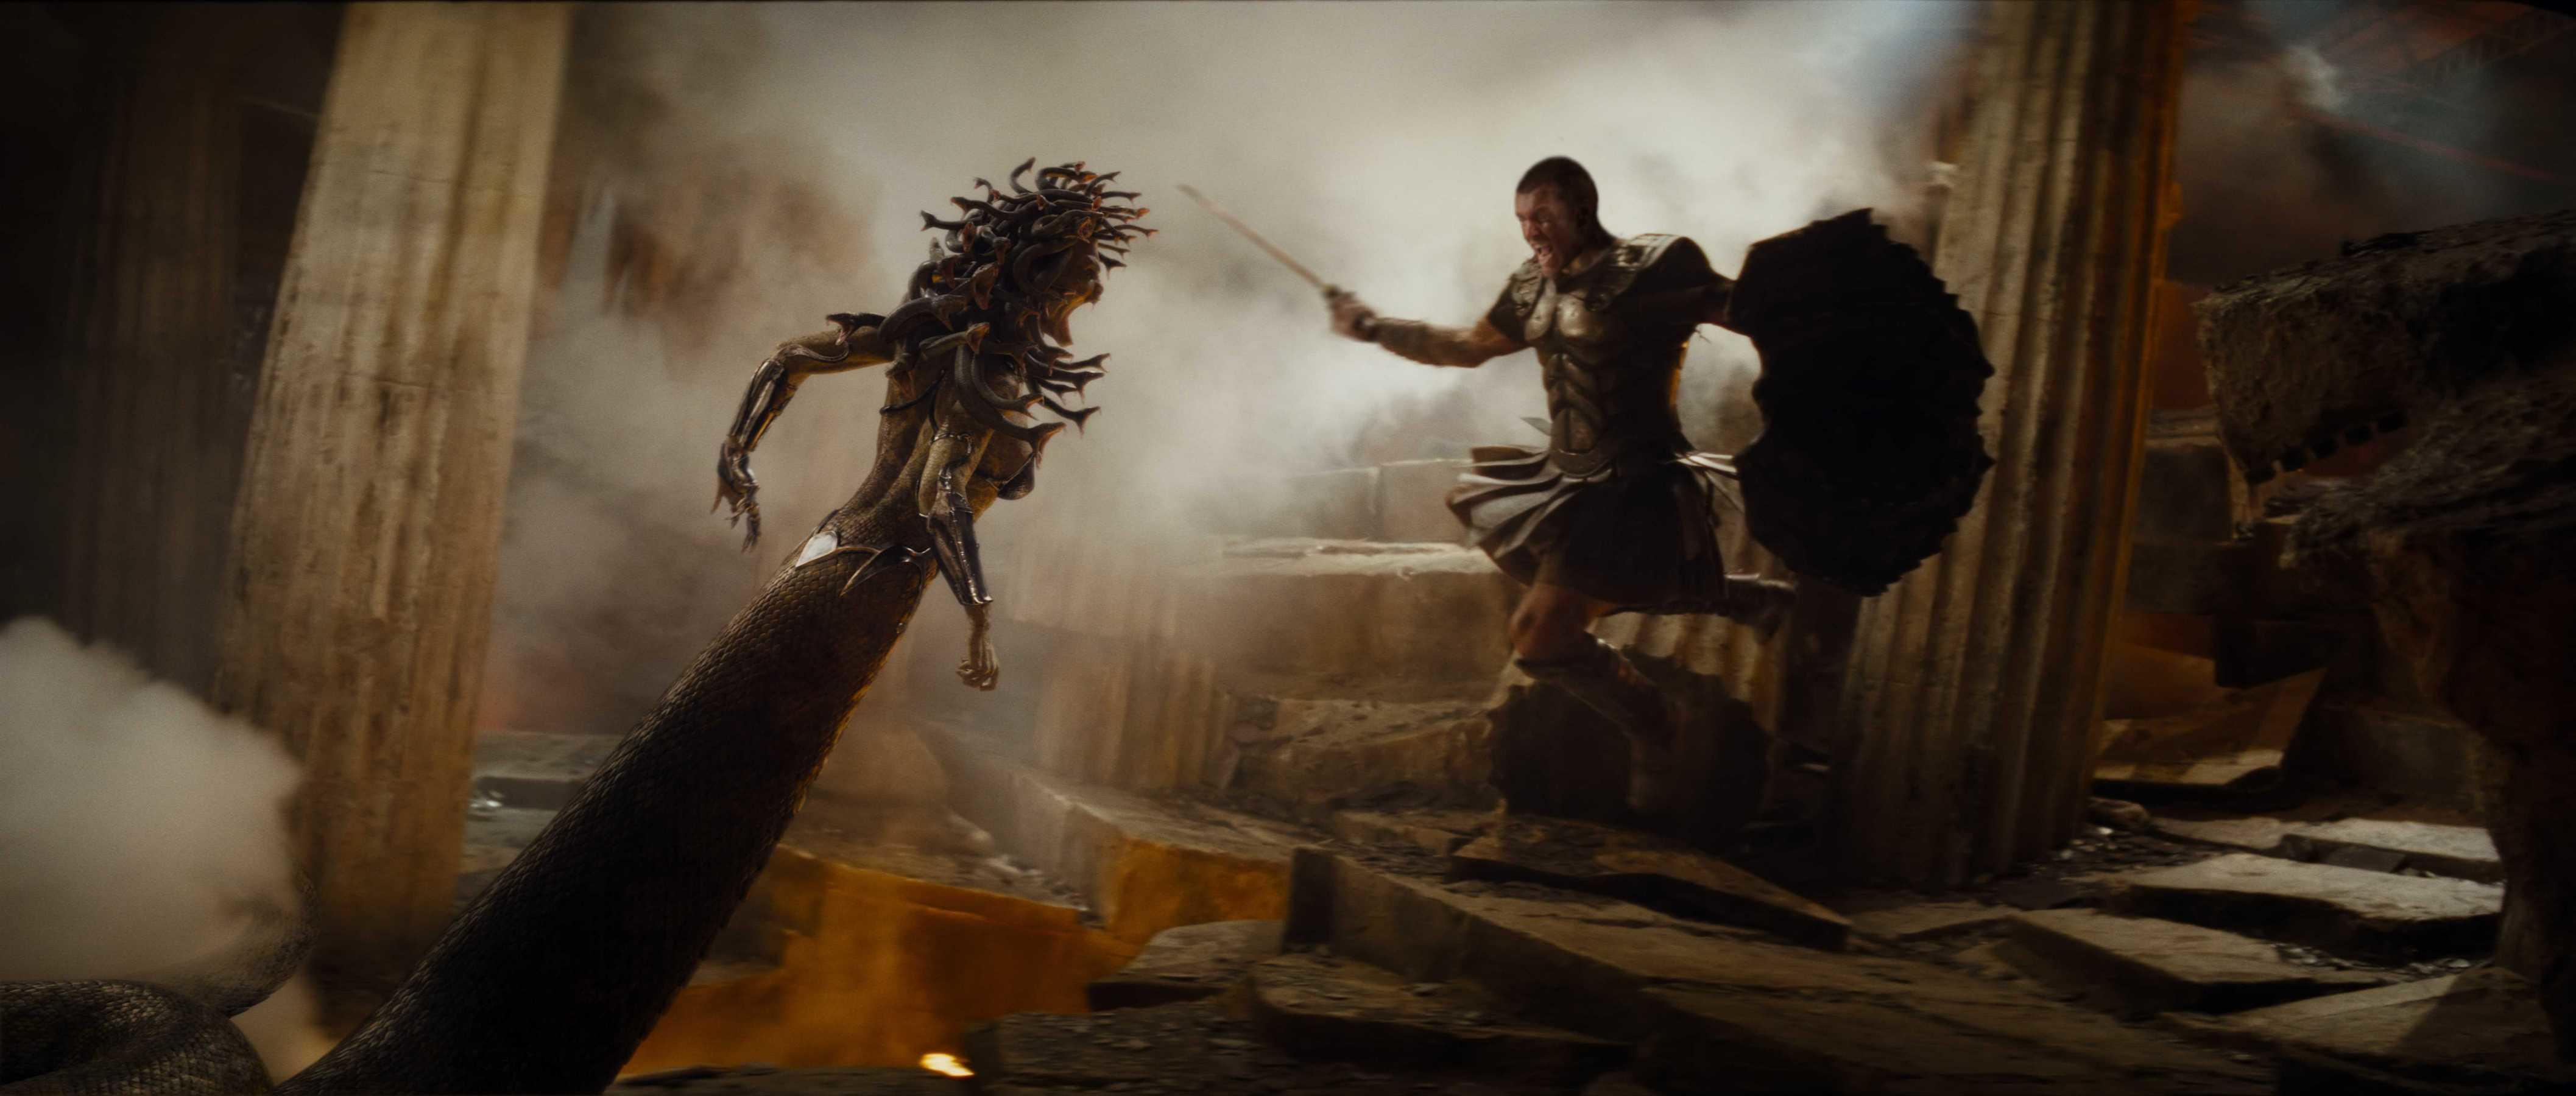 13 Movies Based on Mythology That You Must See | Fandango